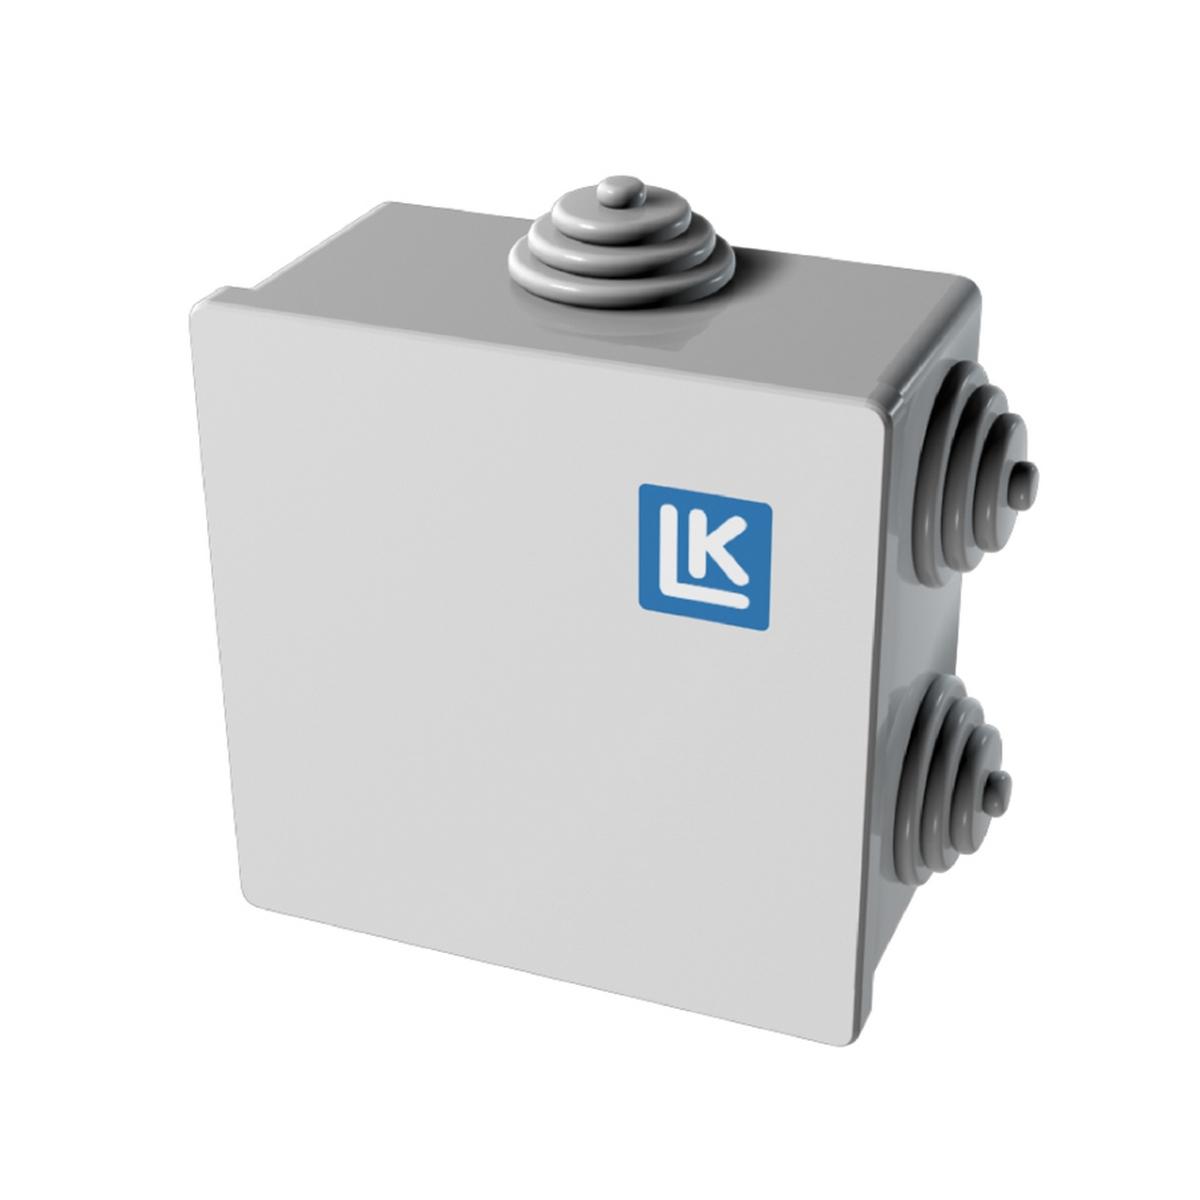 Ställdonsrelä LK Systems 24 V